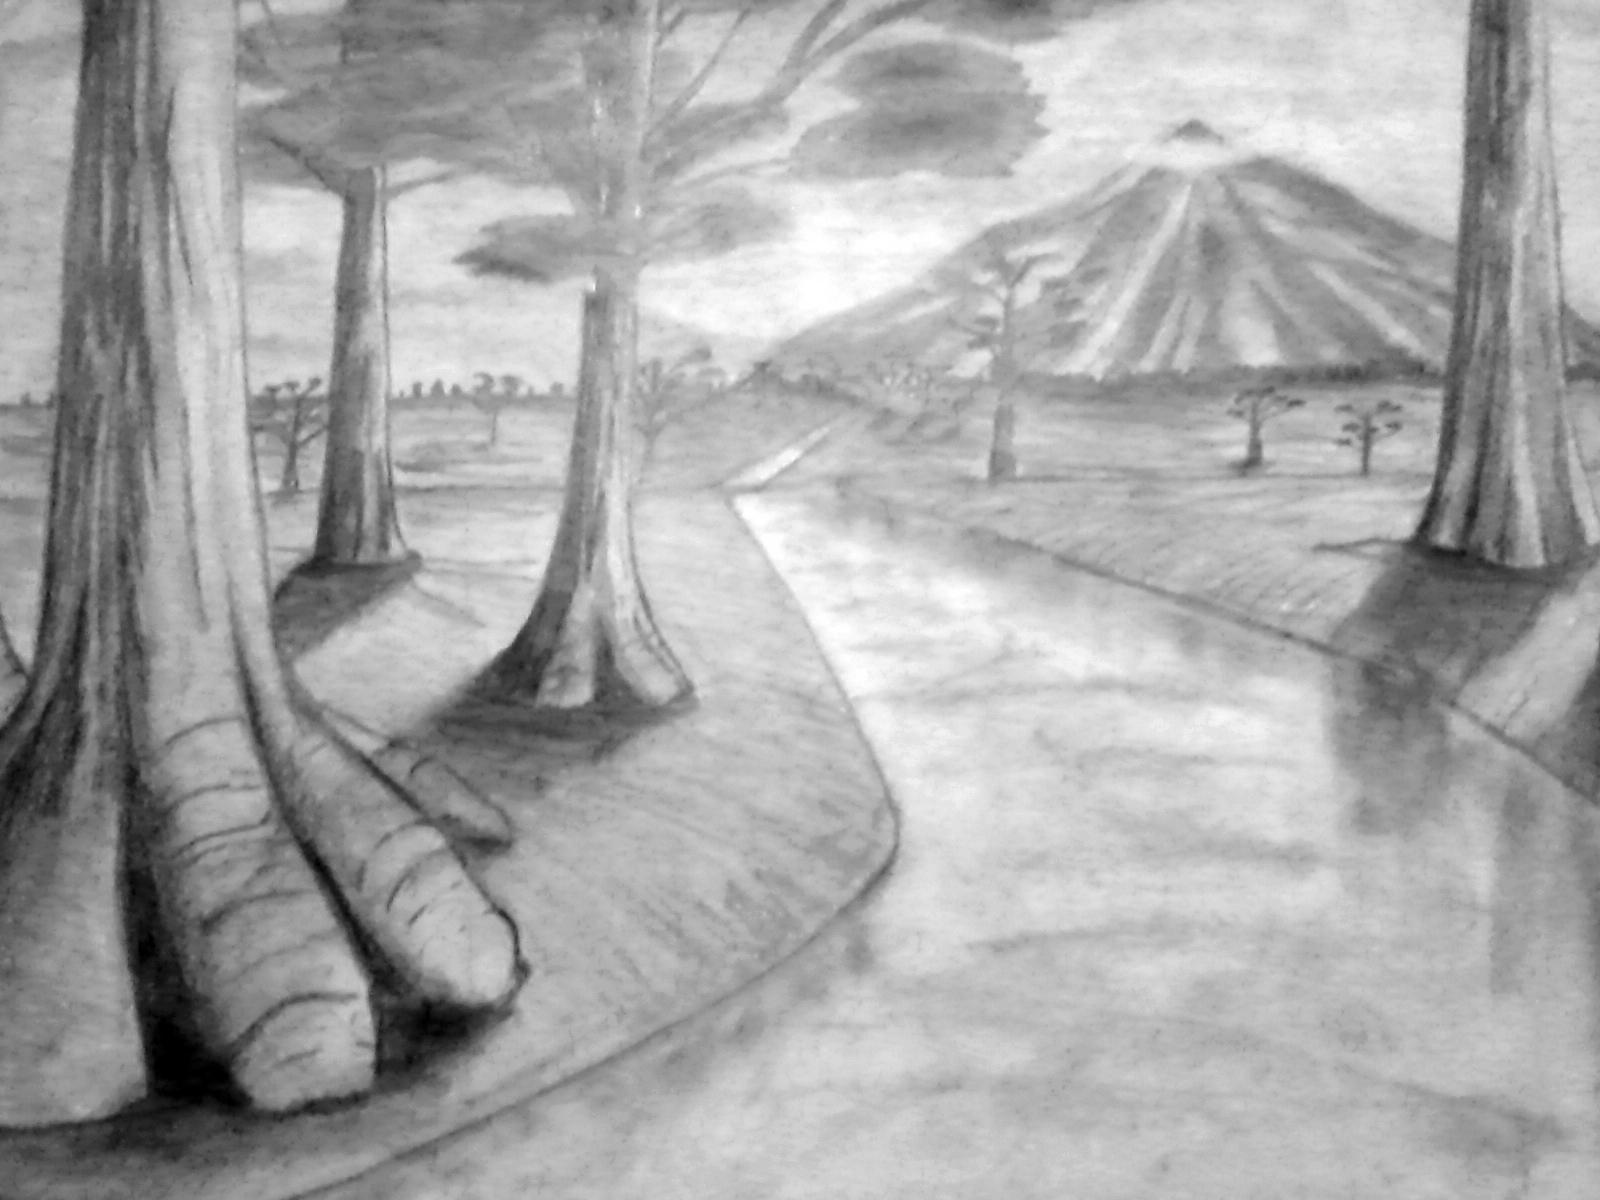 Contoh Gambar Ilustrasi Naturalisme